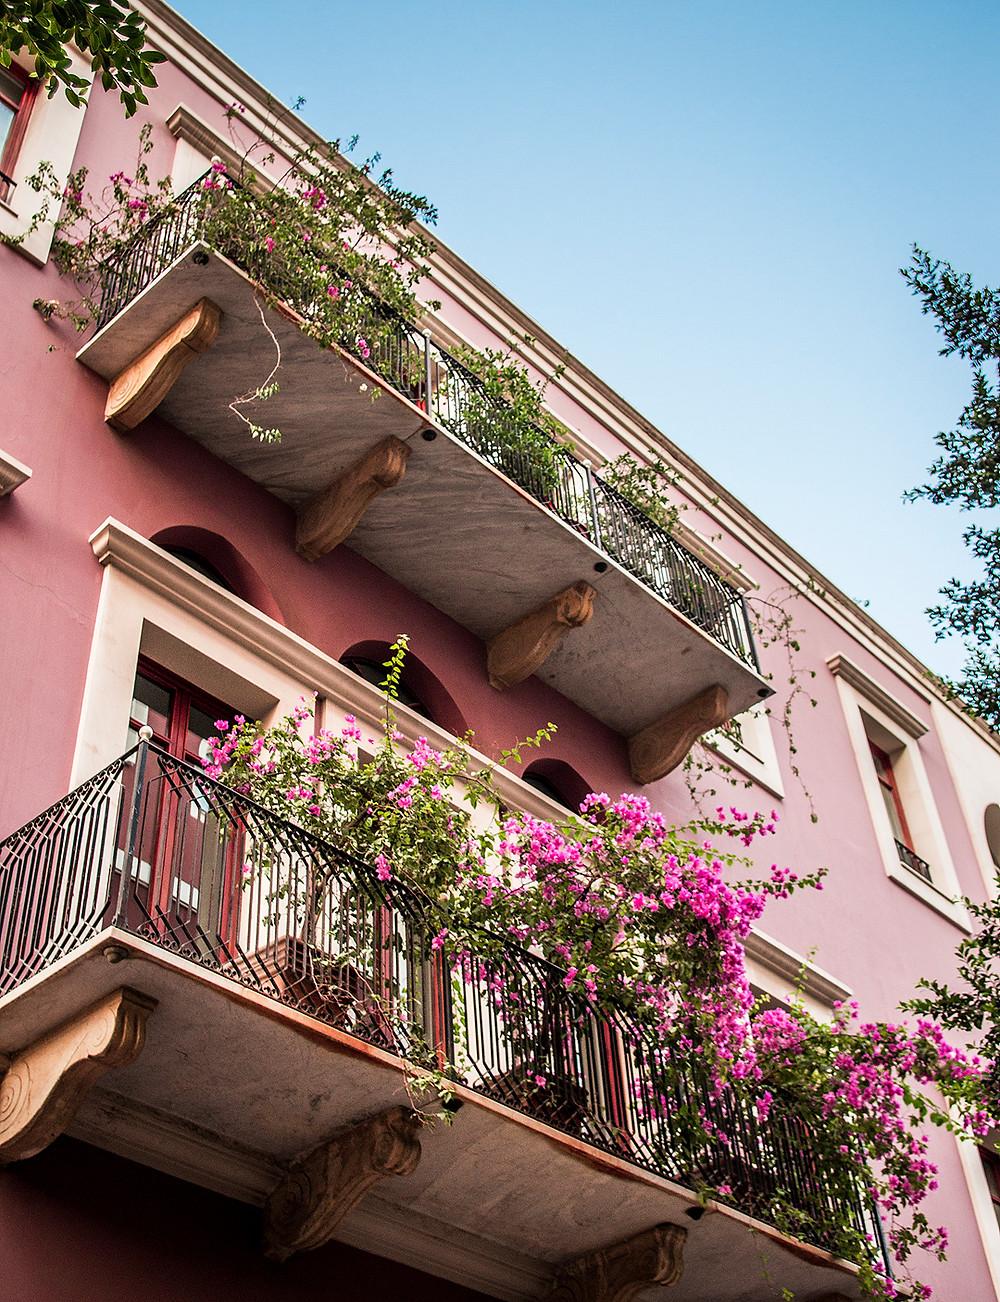 Said Akel Street in Saifi Village, Beirut